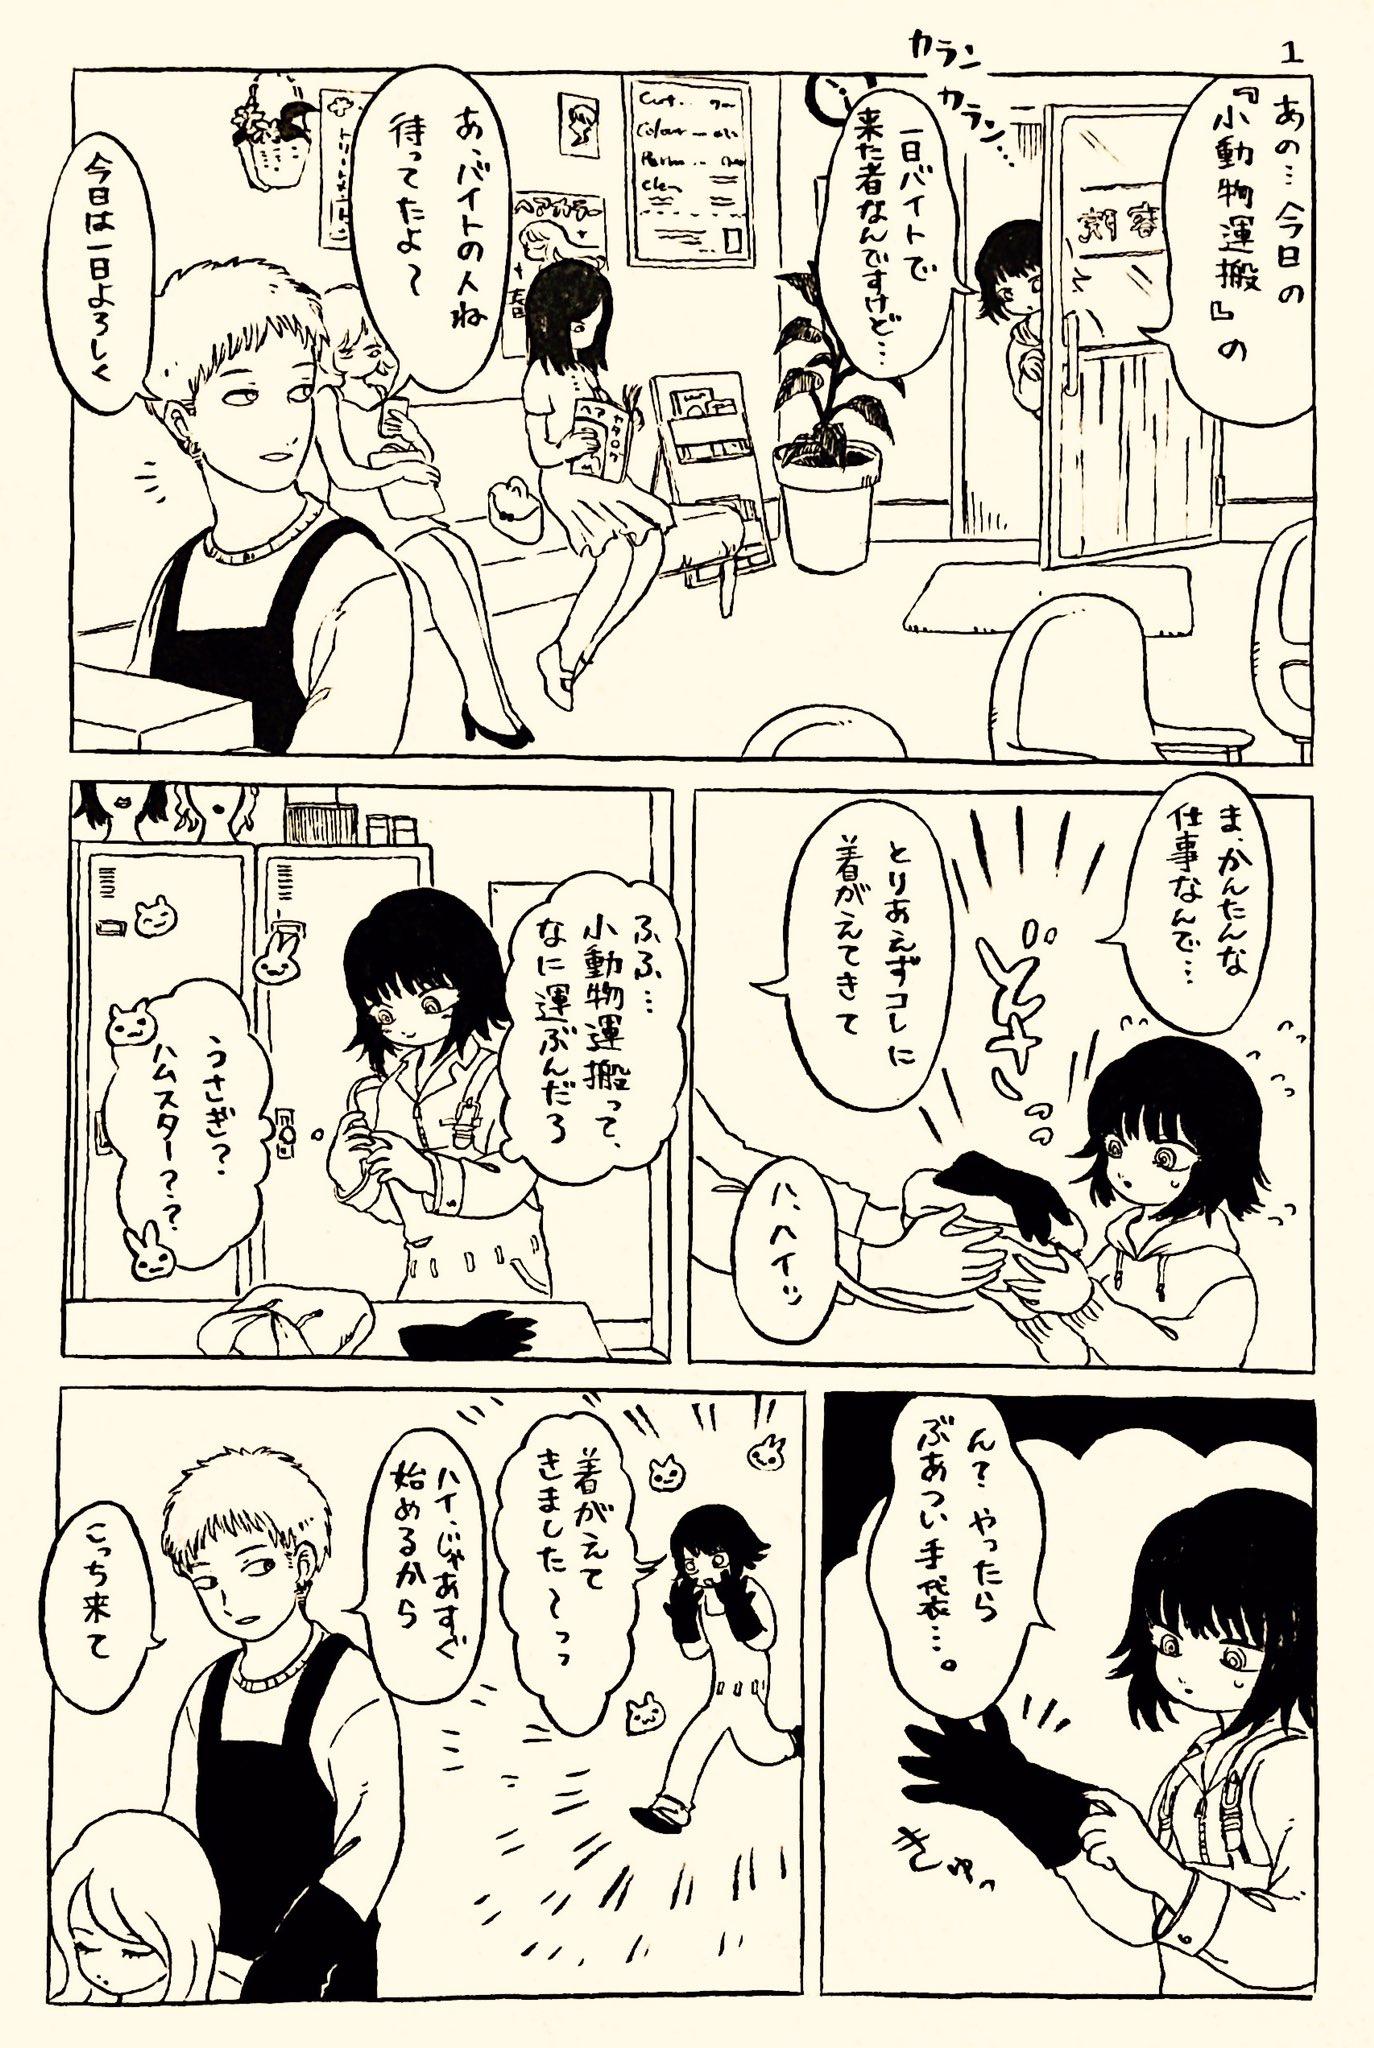 ちょっとだけ変な世界でアルバイトする漫画1話~5話【山北東】